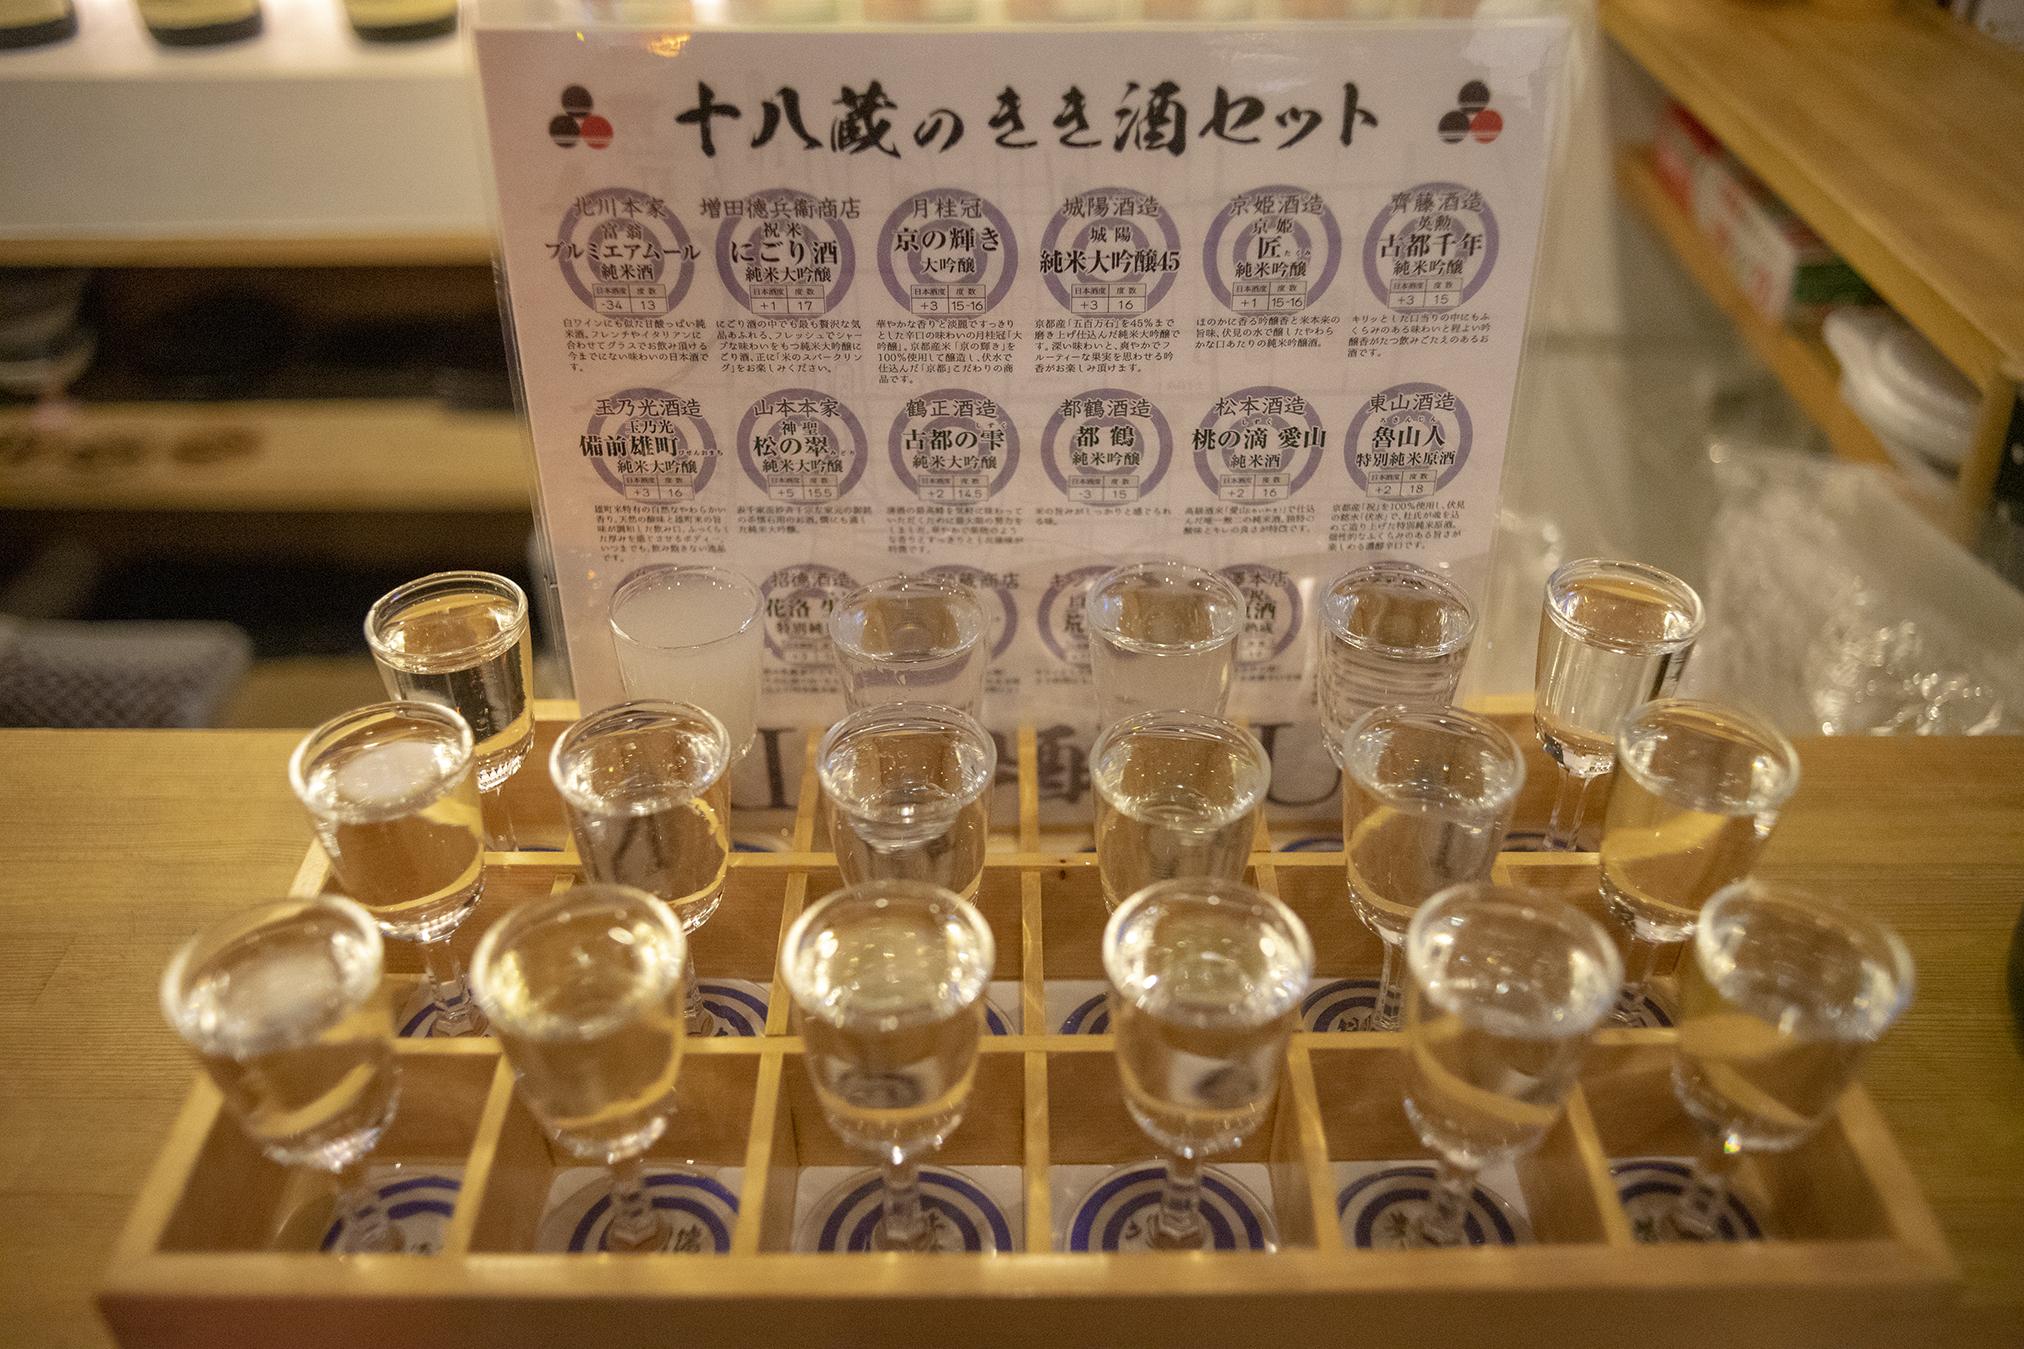 伏水酒蔵小路『十八蔵のきき酒セット「粋酔(きっすい)」』で日本酒の新たな楽しみ方を発見